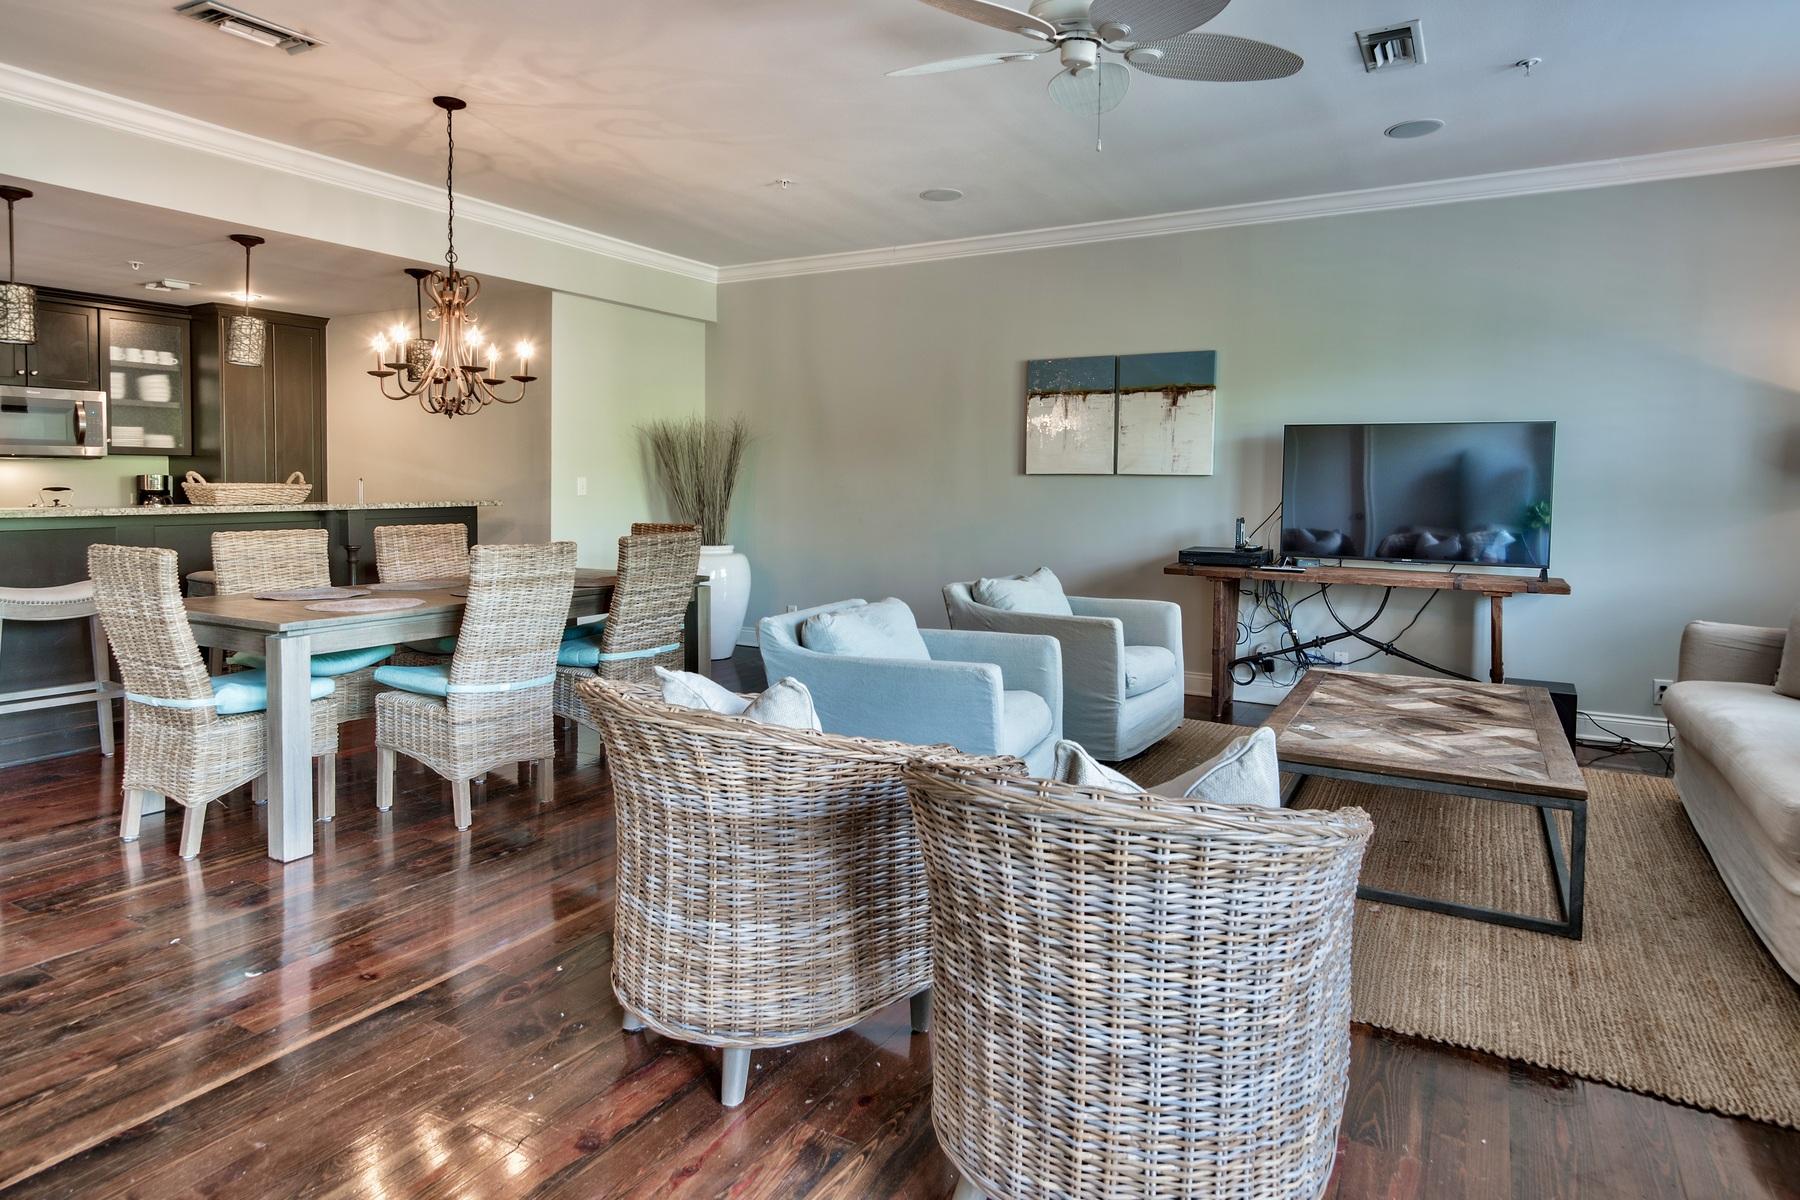 콘도미니엄 용 매매 에 CHARMING BEACH CONDO WITH MODERN TOUCHES AND NATURAL TEXTURES 34 N Barrett Square 2B Rosemary Beach, 플로리다, 32461 미국